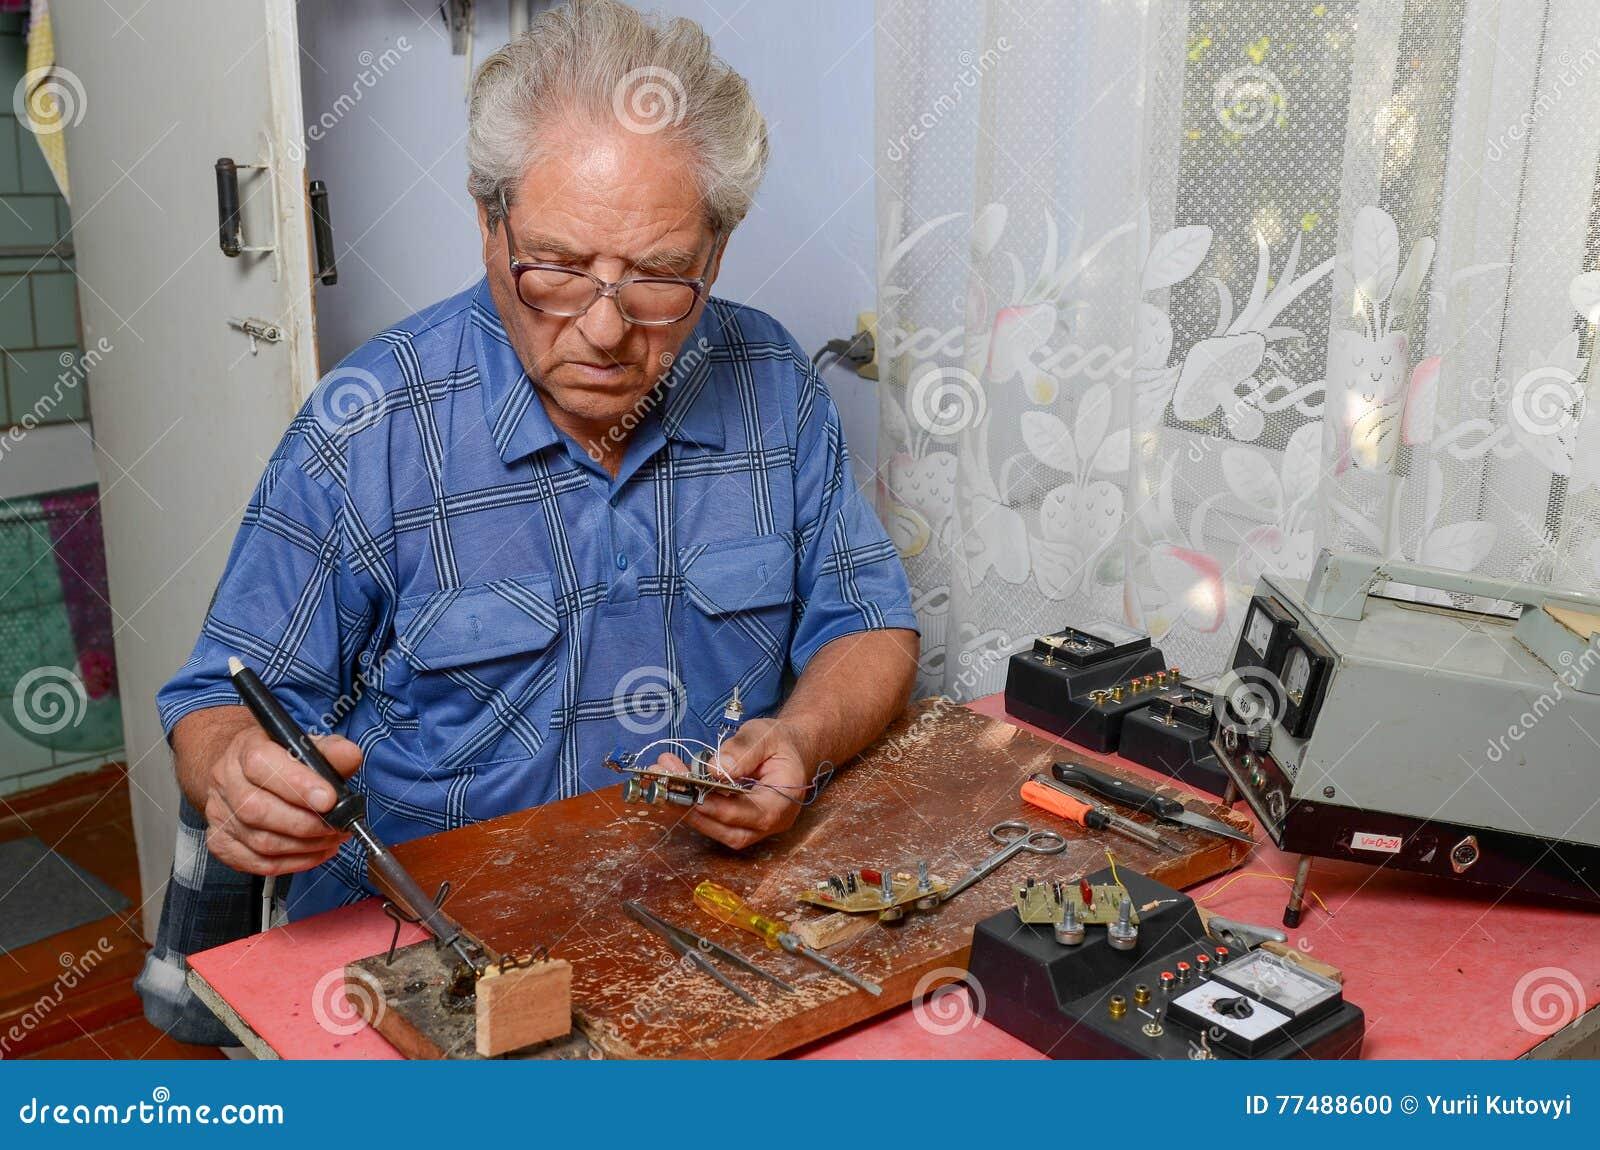 祖父与焊铁一起使用